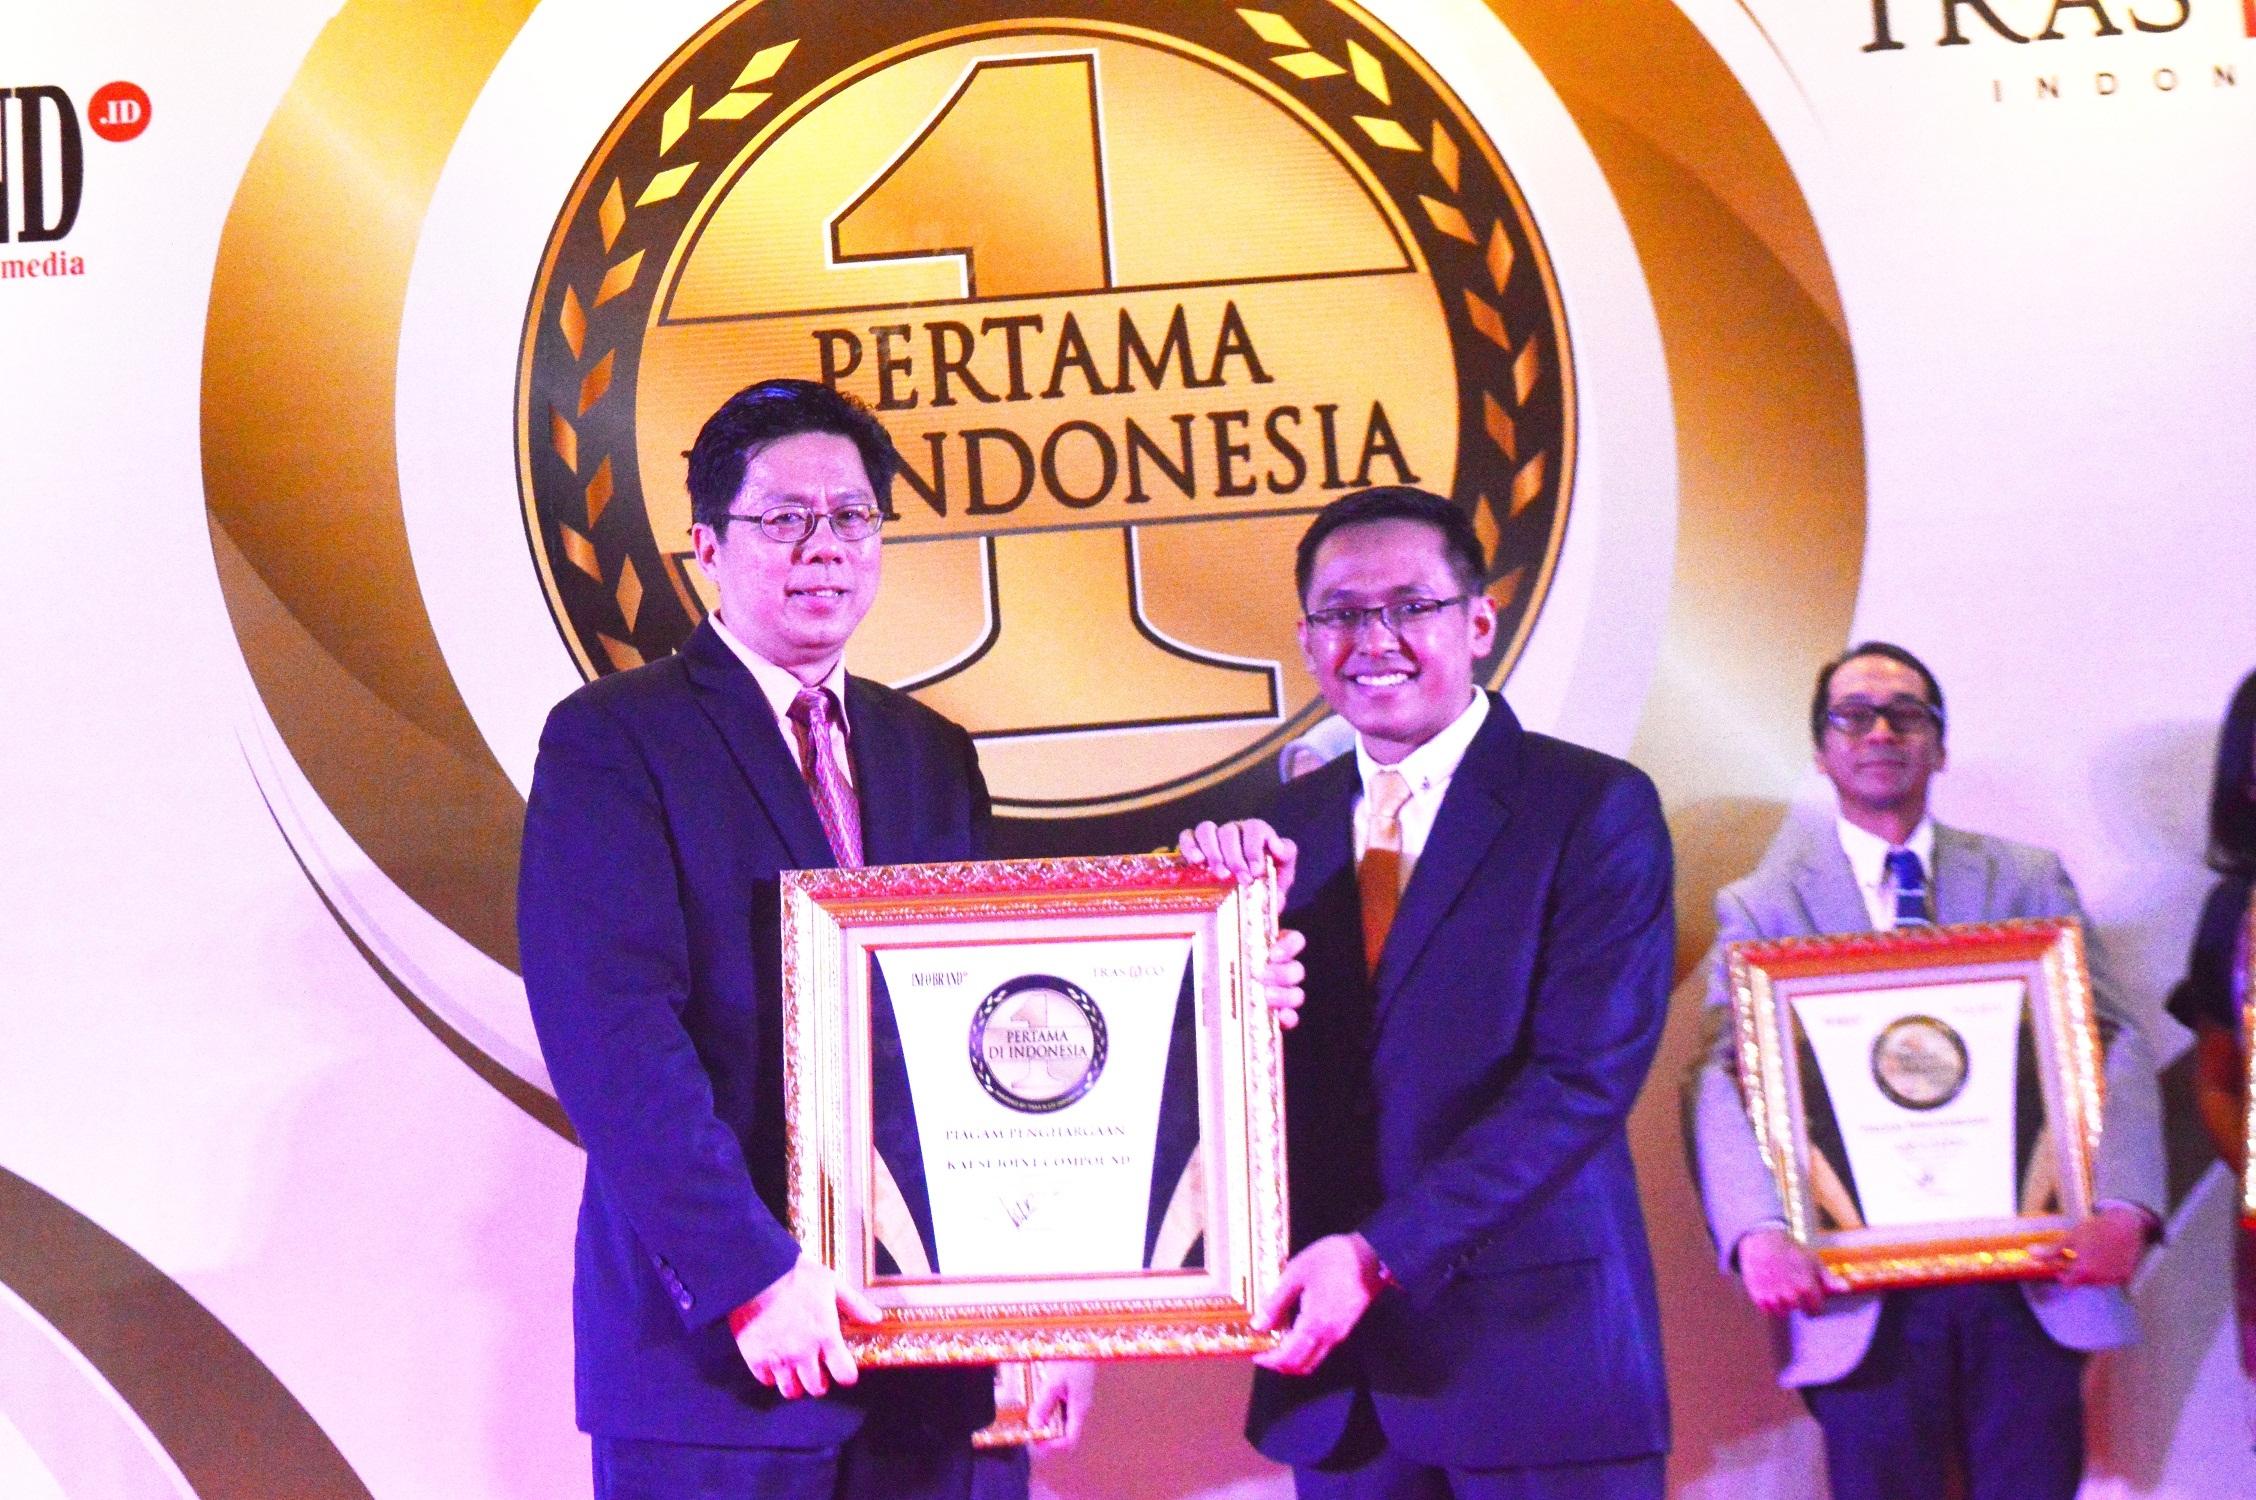 Kalsi Board Menangkan Penghargaan Pertama Di Indonesia 2018 Atas Inovasinya Membuat Kompon Fibersemen Anti Retak